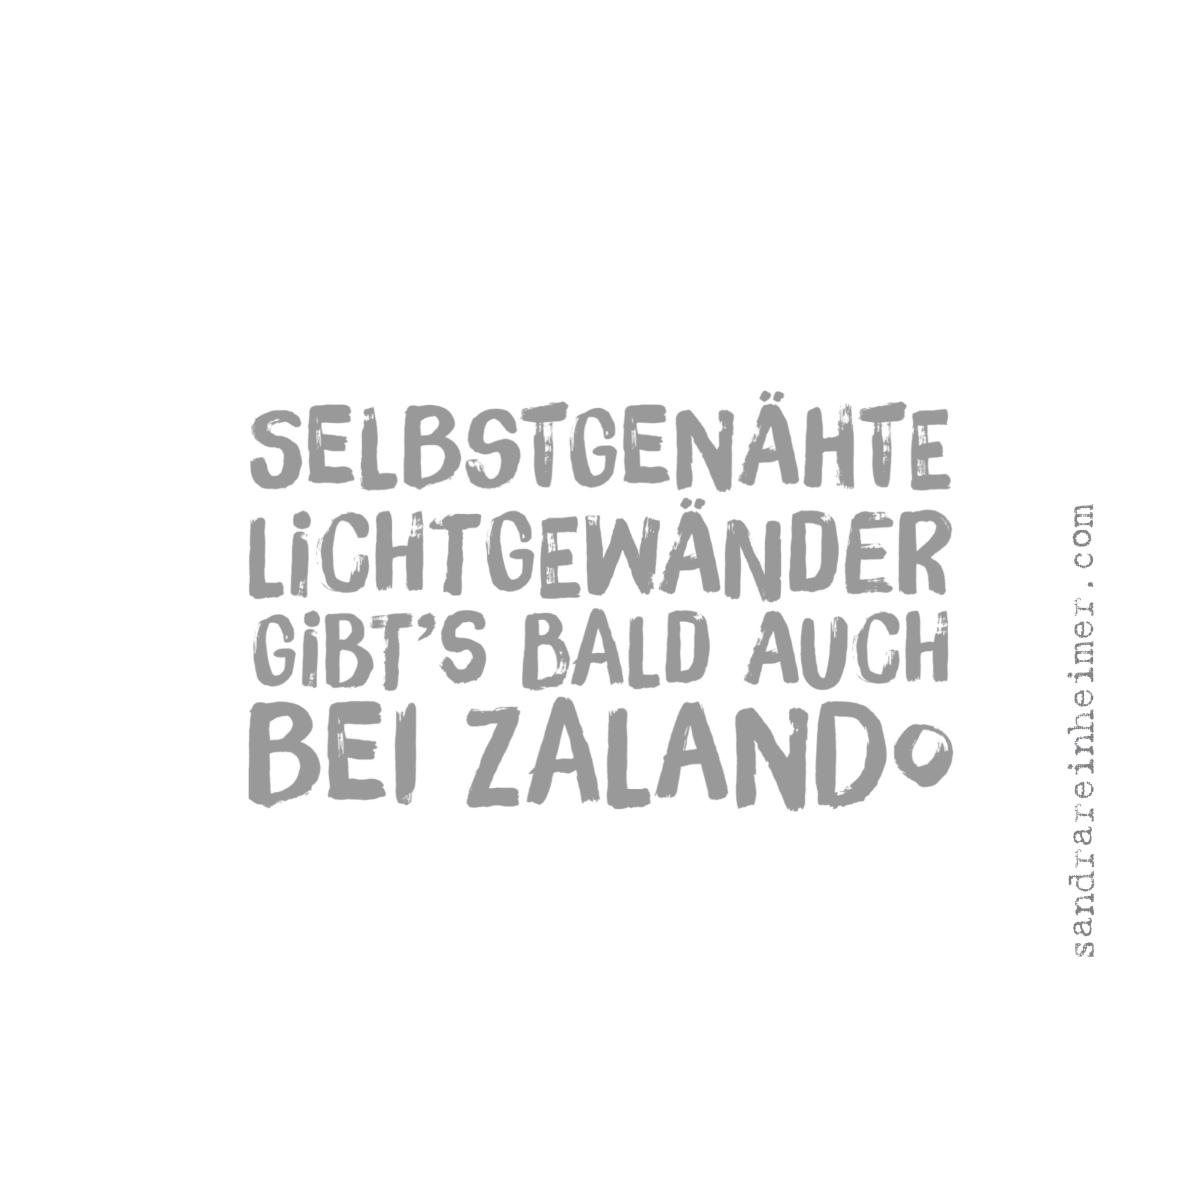 """Gemörserter Rosenquarz und weitere """"Thesen"""" zur sog. """"Selbstliebe"""""""